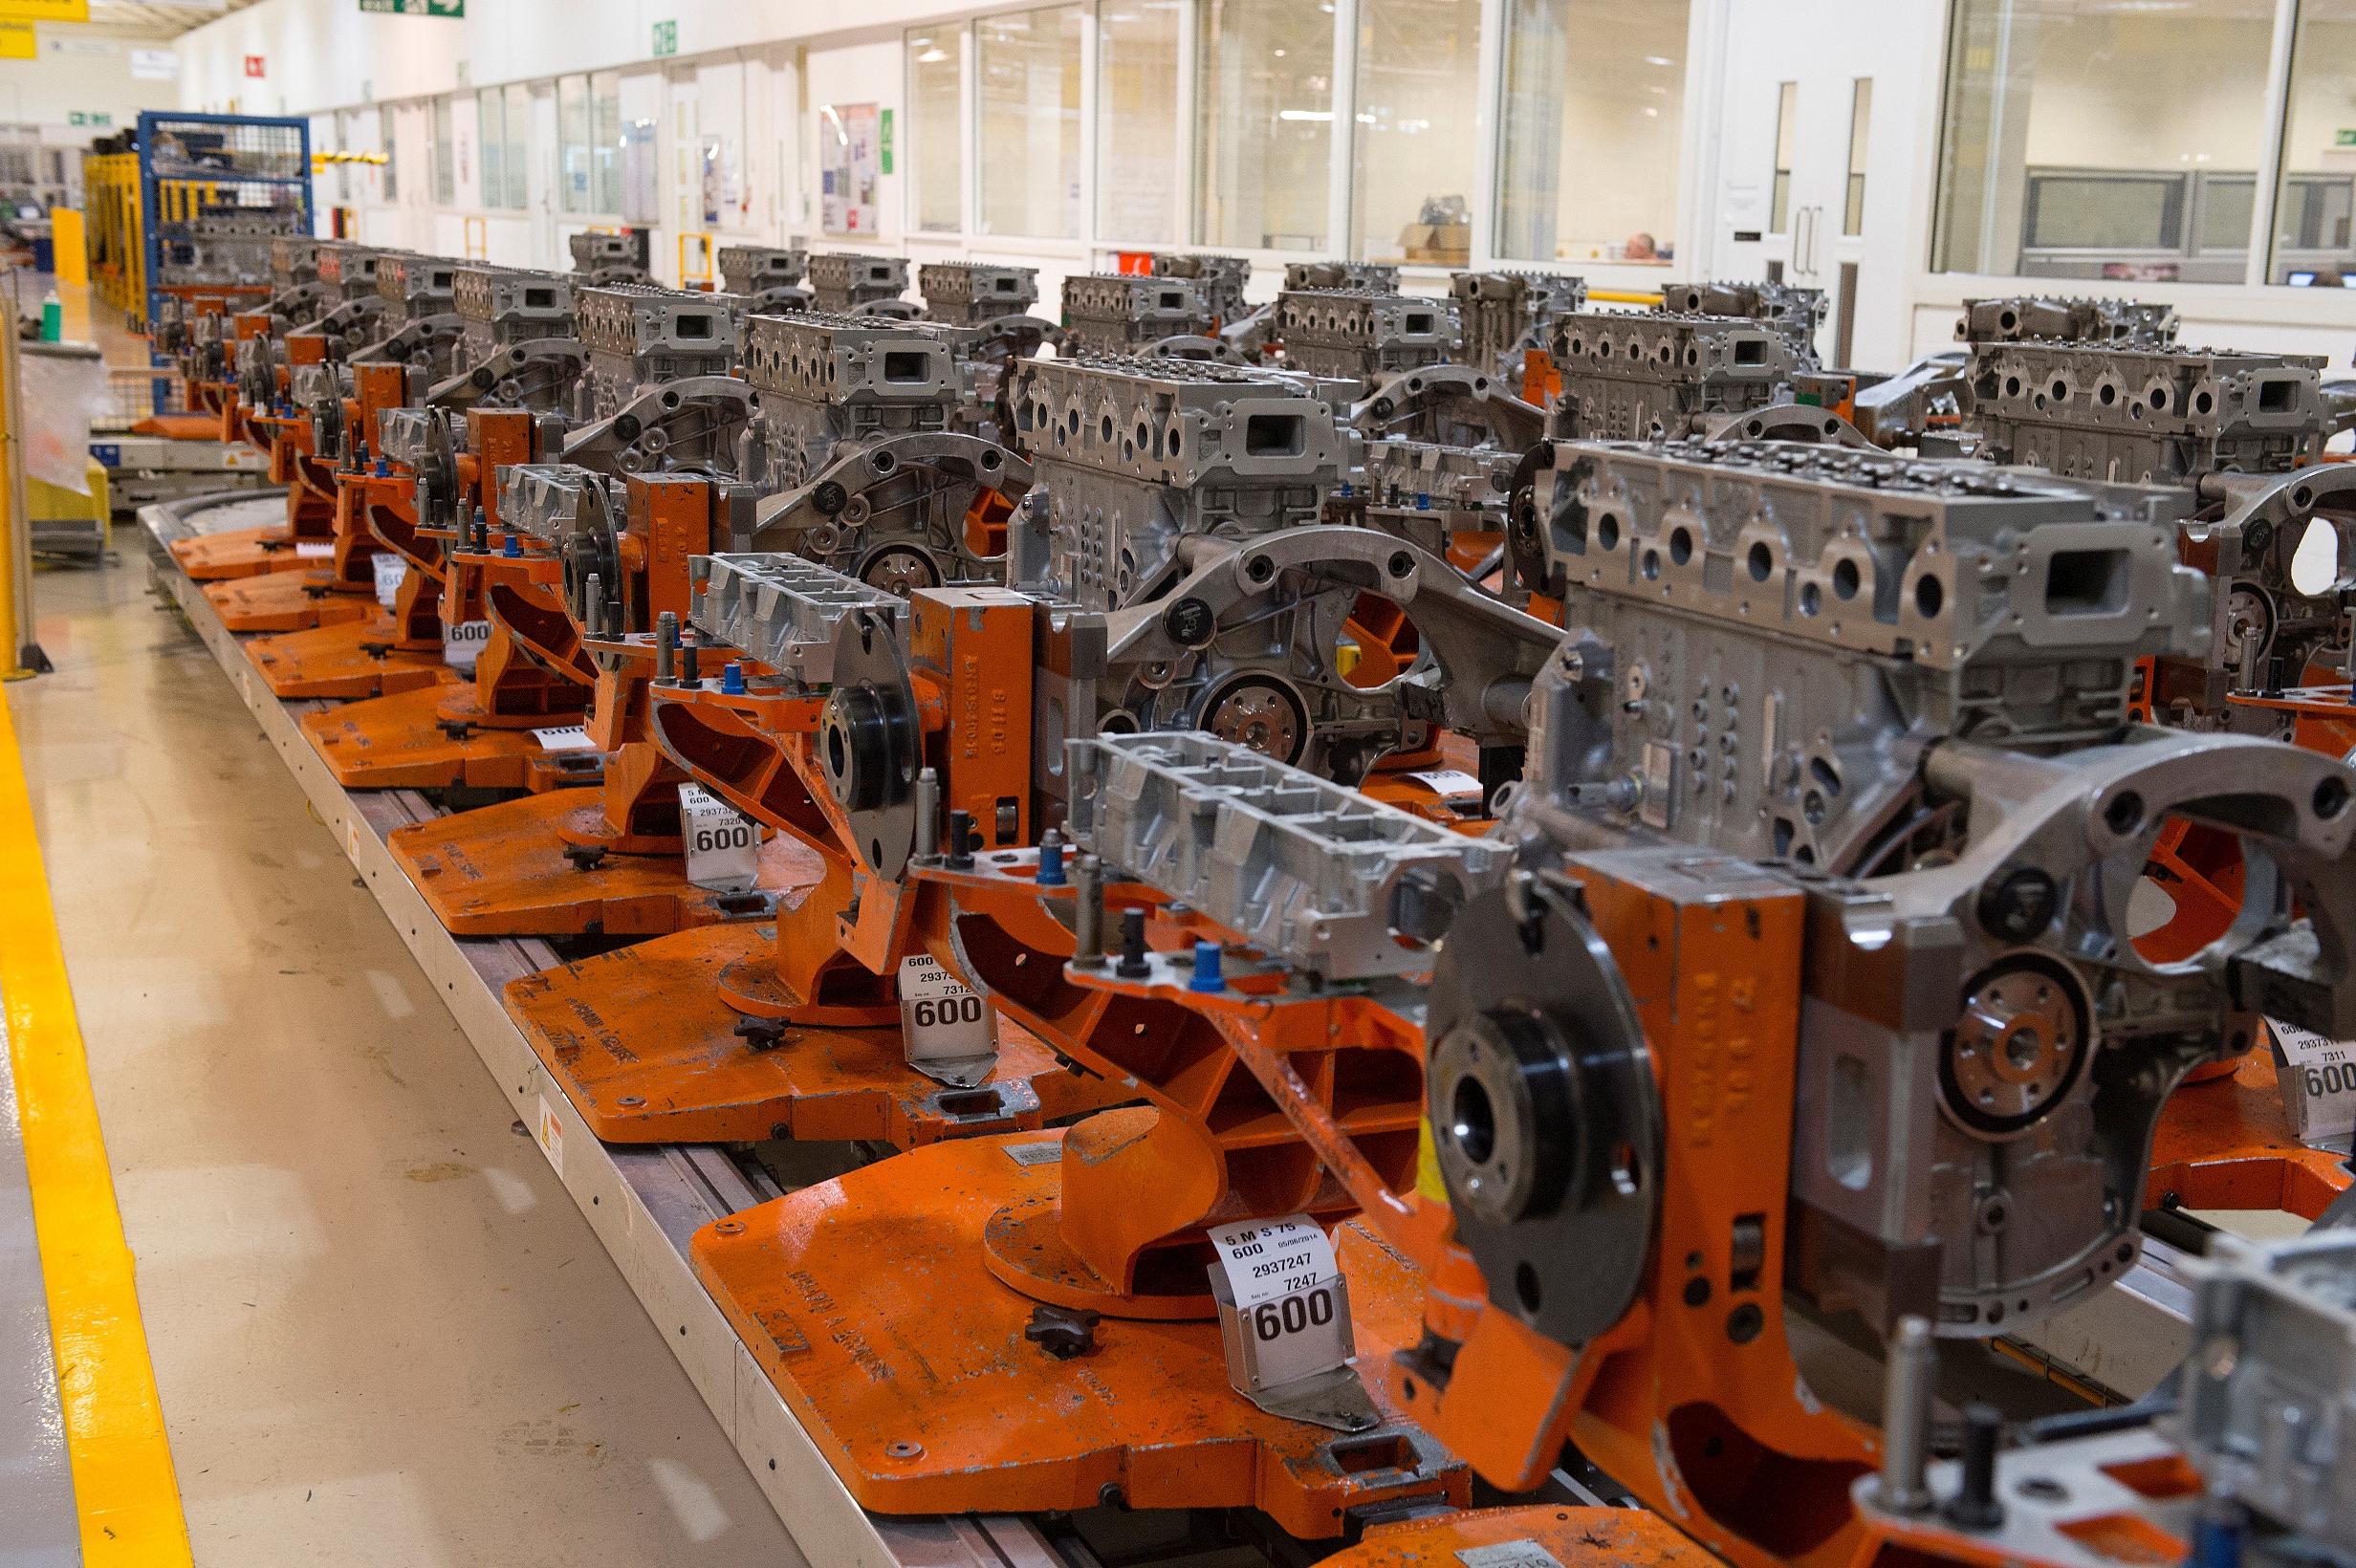 Компания Ford может сократить количество рабочих мест на территории Великобритании 2